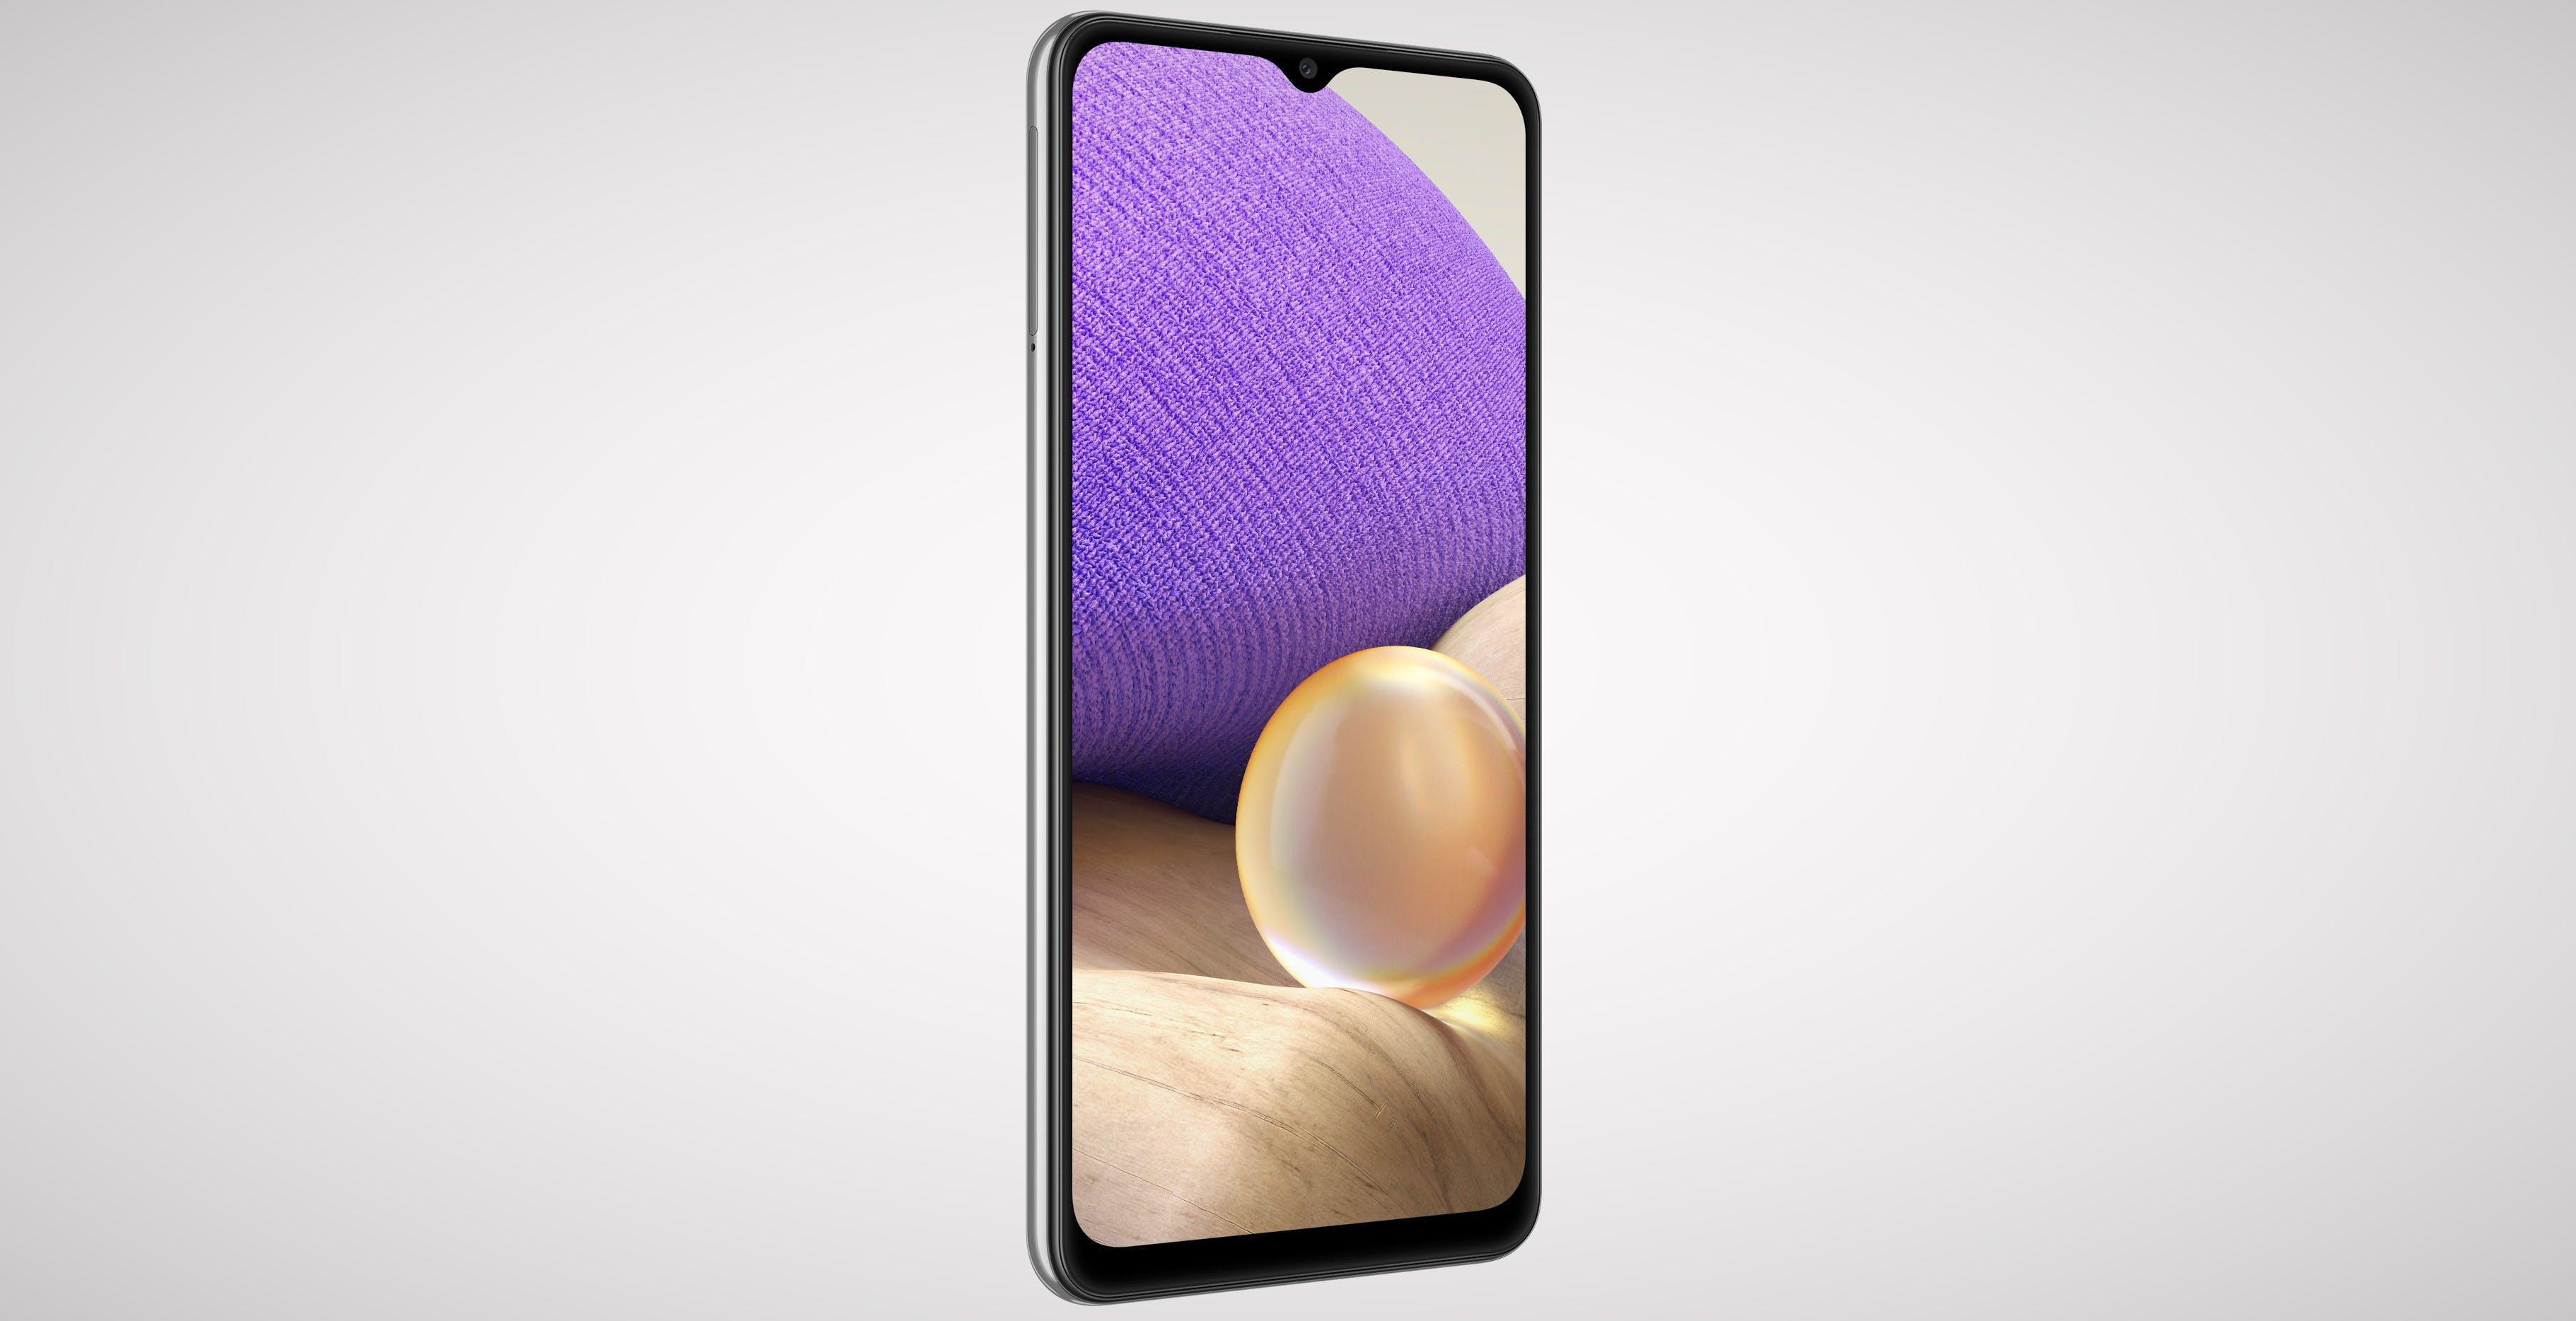 Galaxy A32 5G ufficiale: schermo da 6,5'' e connettività 5G a 299 euro